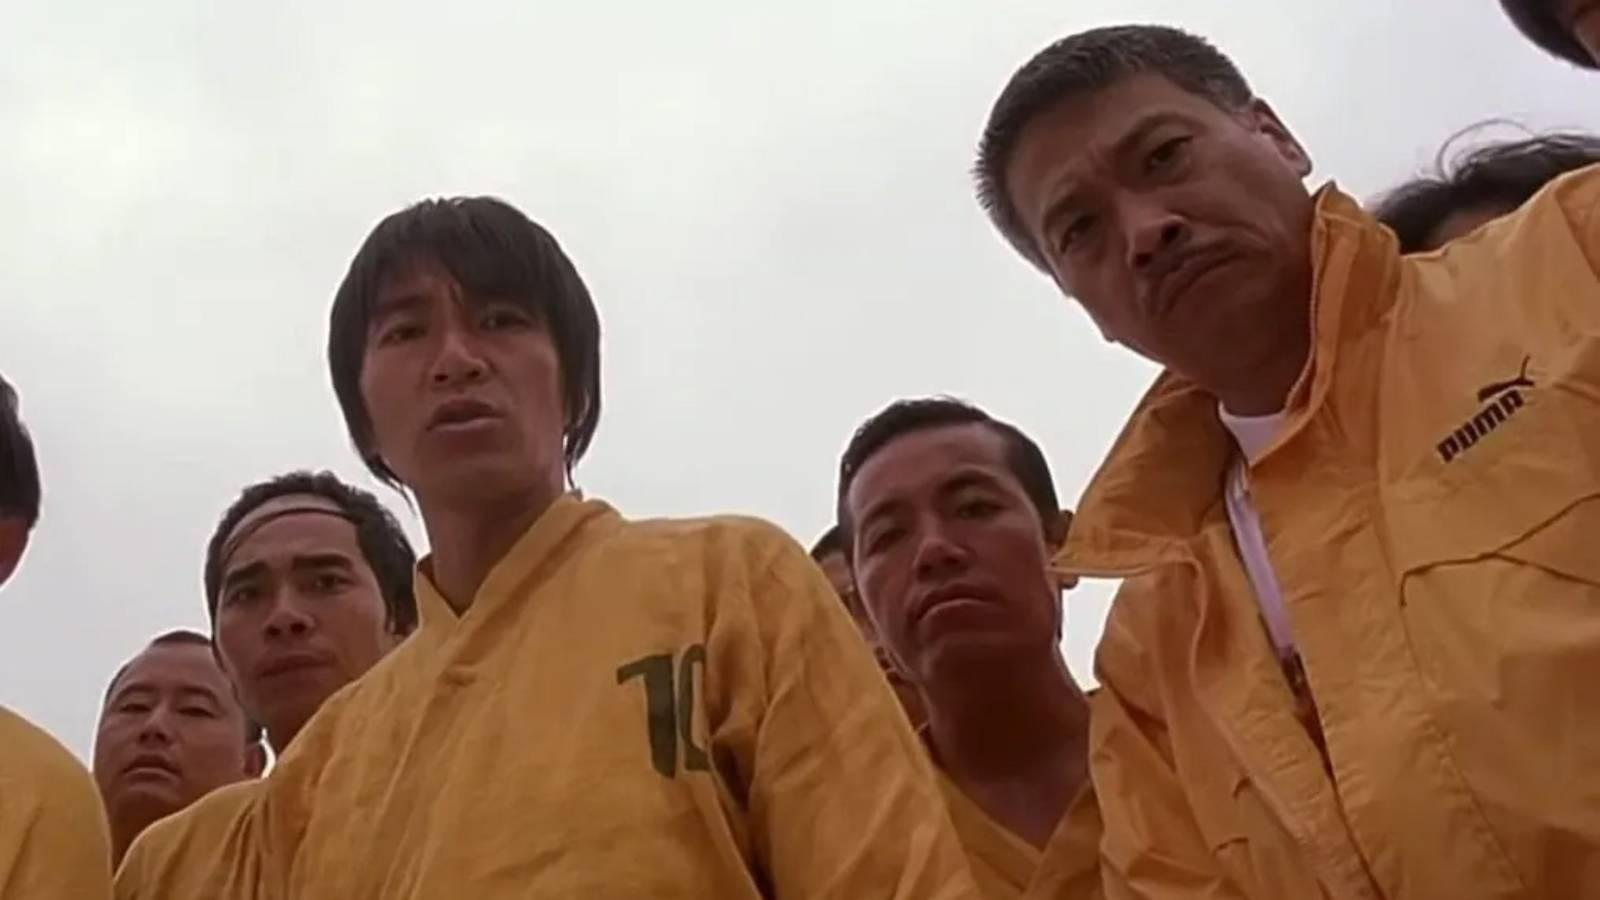 Vua vai phụ Ngô Mạnh Đạt: Bạn diễn tri kỷ của Châu Tinh Trì, 4 thập kỷ mang lại tiếng cười với bao cảnh phim kinh điển - Ảnh 9.